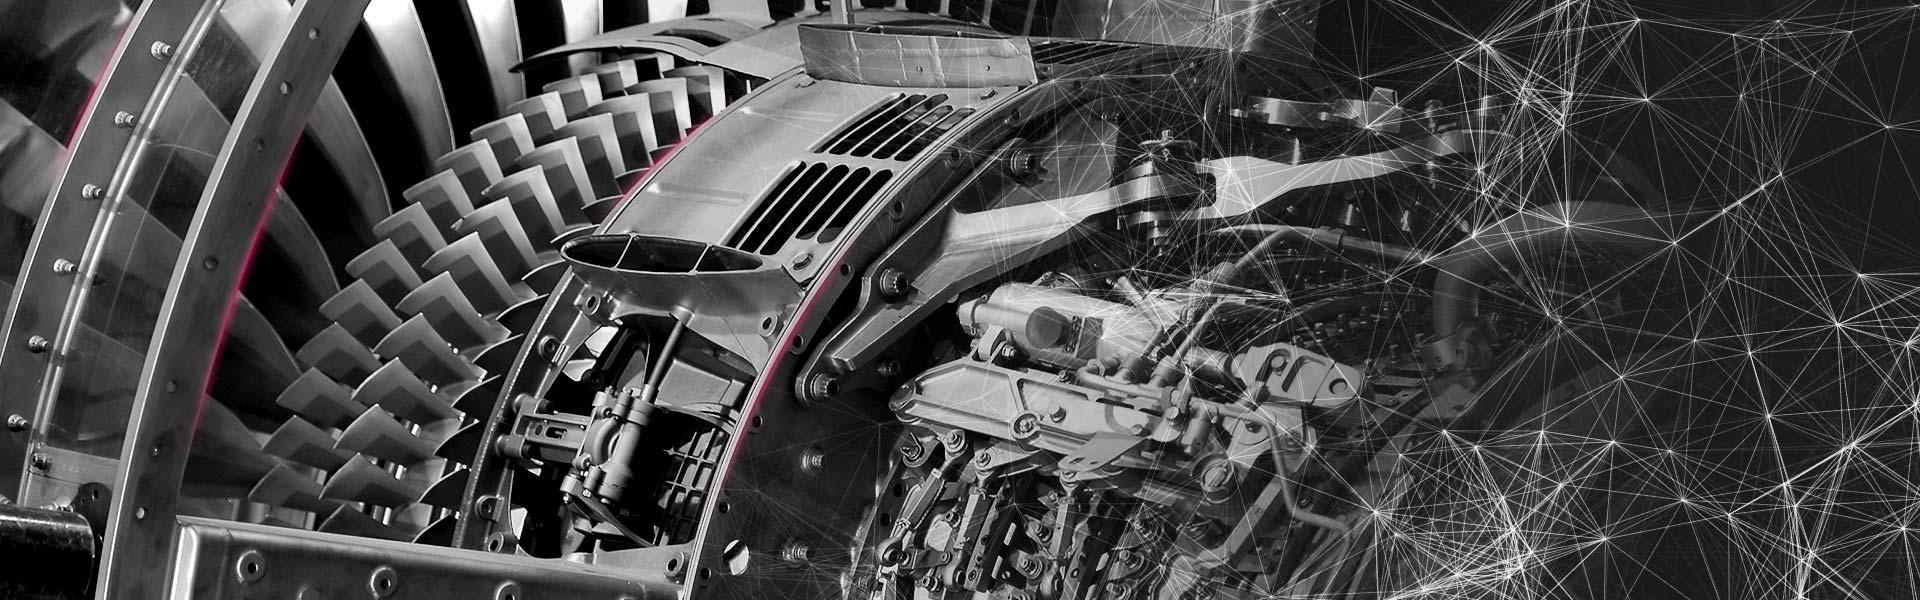 Stahl und Eisen für Maschinenbau und Anlagenbau